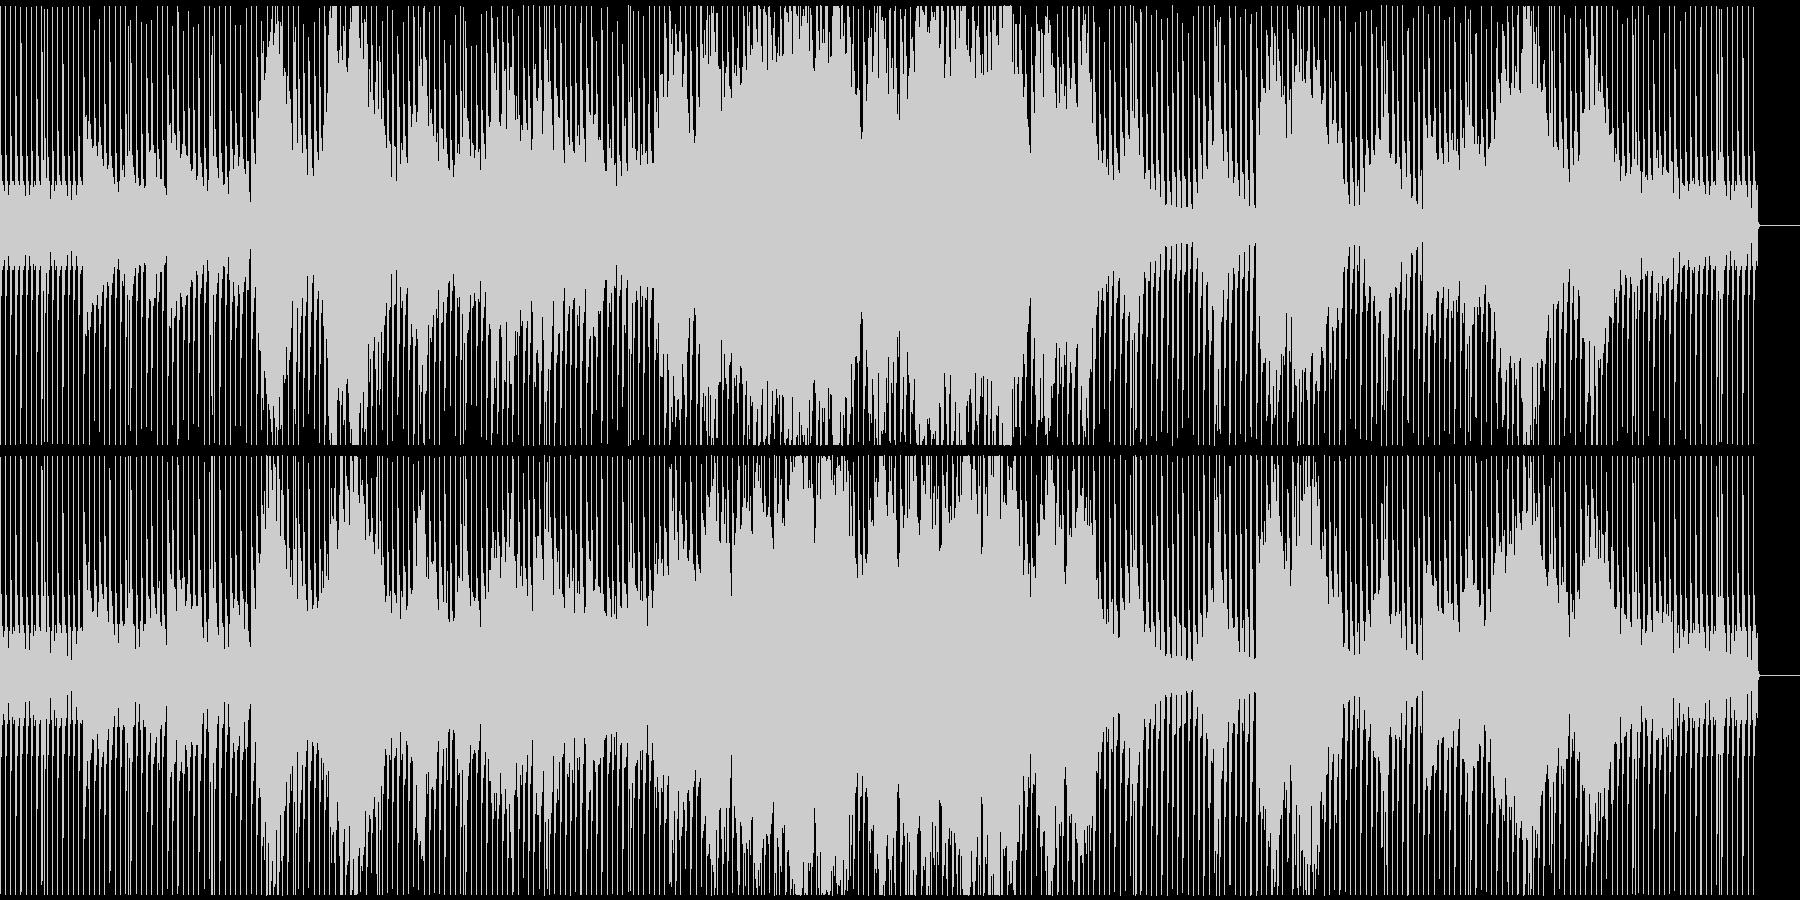 流れるようなストリング、ピアノ(テクノ)の未再生の波形